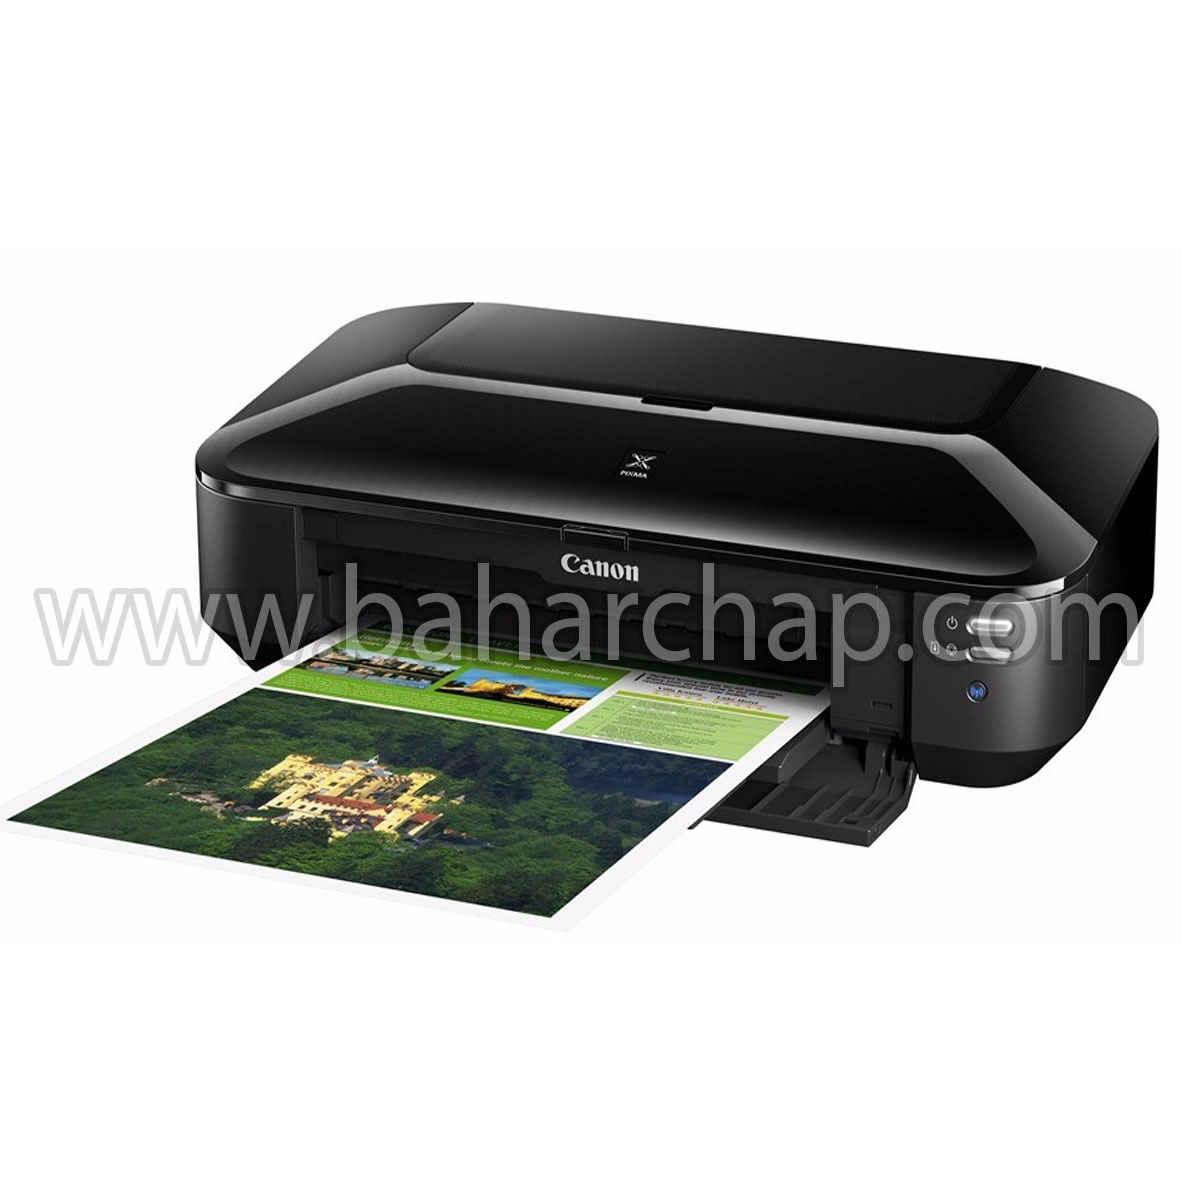 فروشگاه و خدمات اینترنتی بهارچاپ اصفهان-دانلود نرم افزار ریست پرینتر Canon IX6770-Reset canon by ST4905